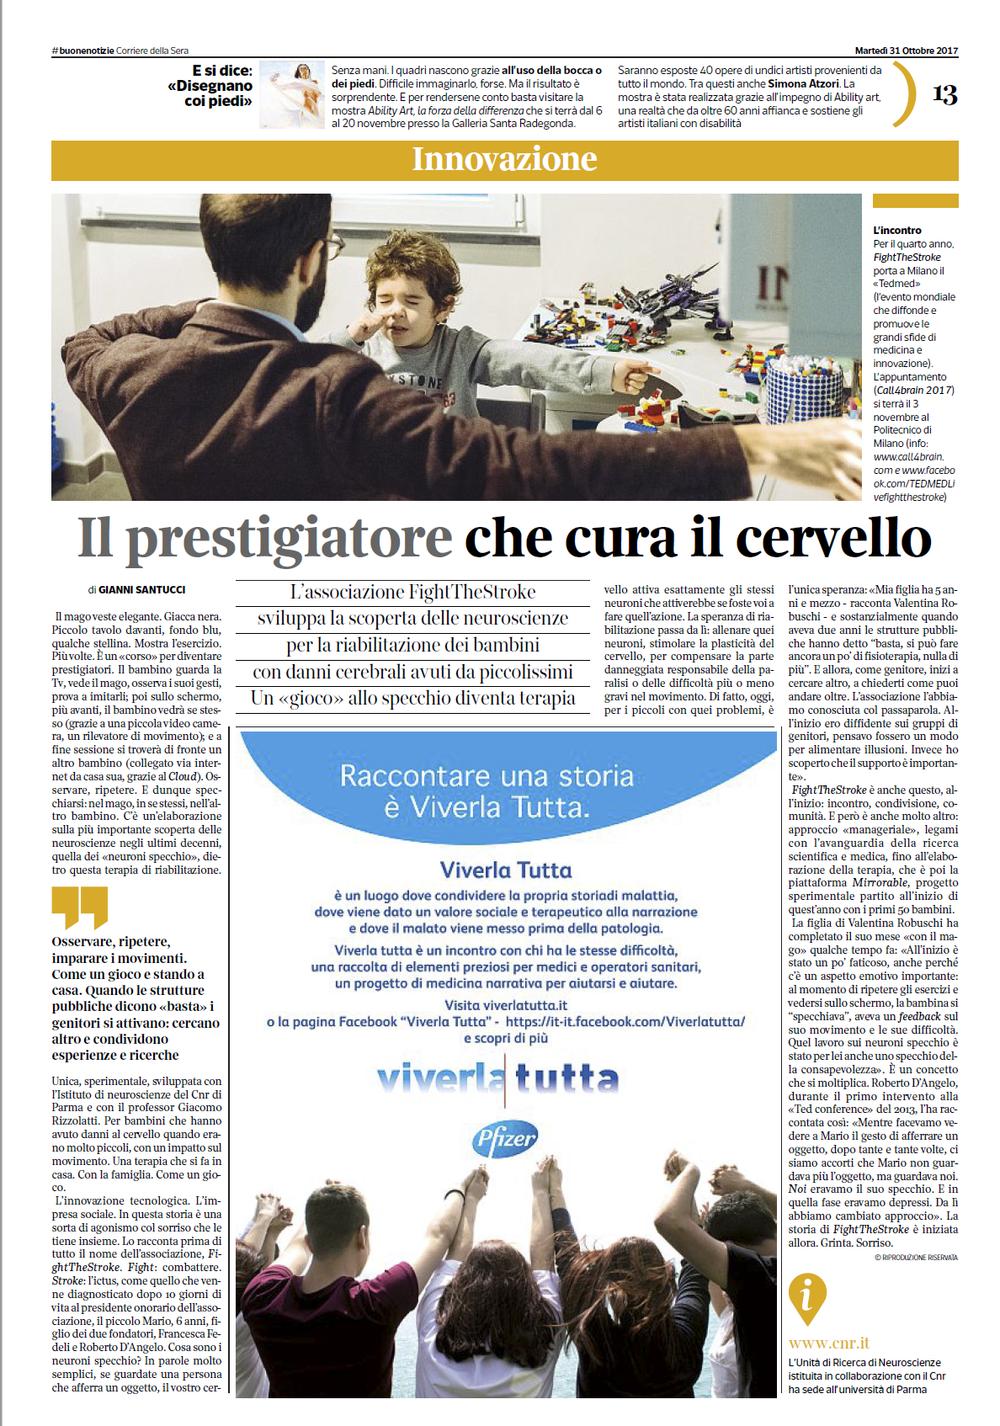 Corriere Della Sera | Buone Notizie 31/10/2017